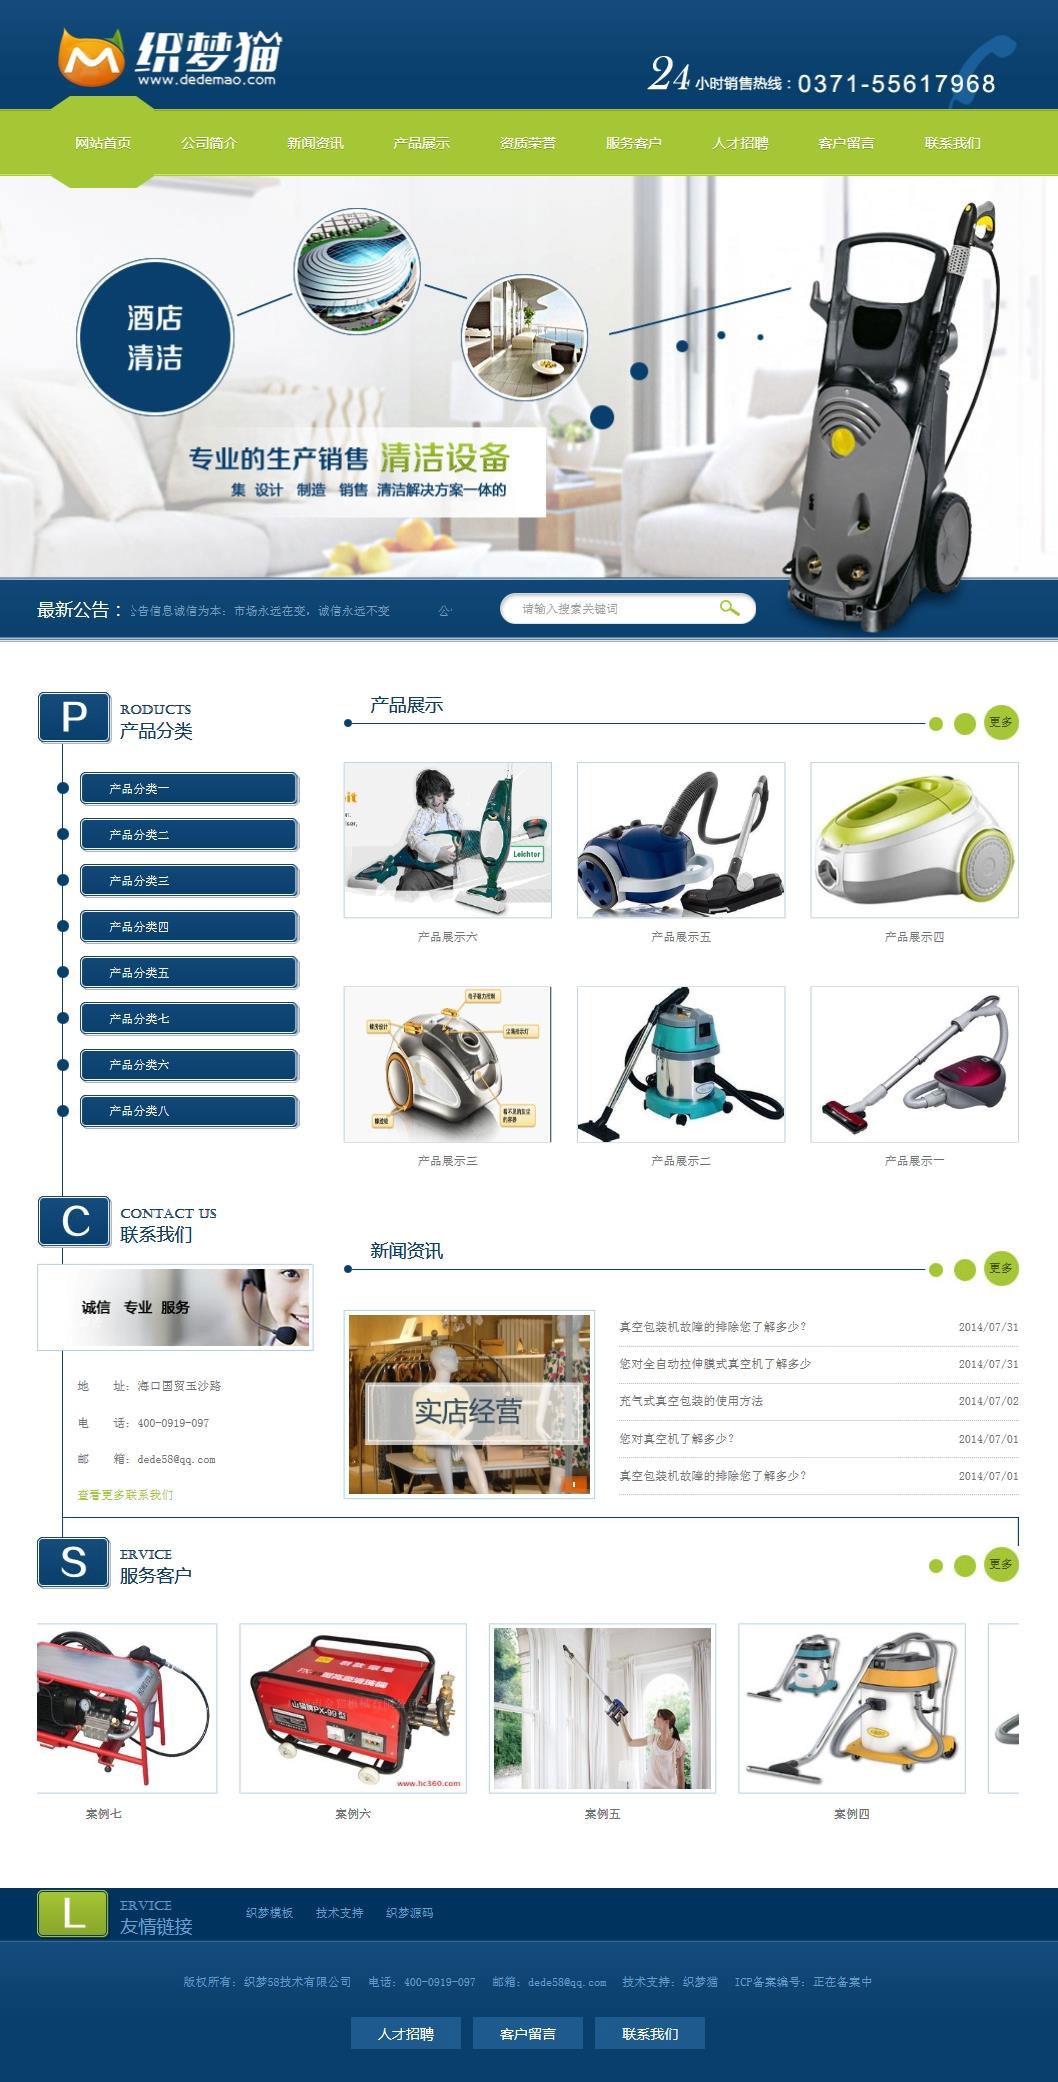 织梦dedecms清洁设备产品公司网站模板